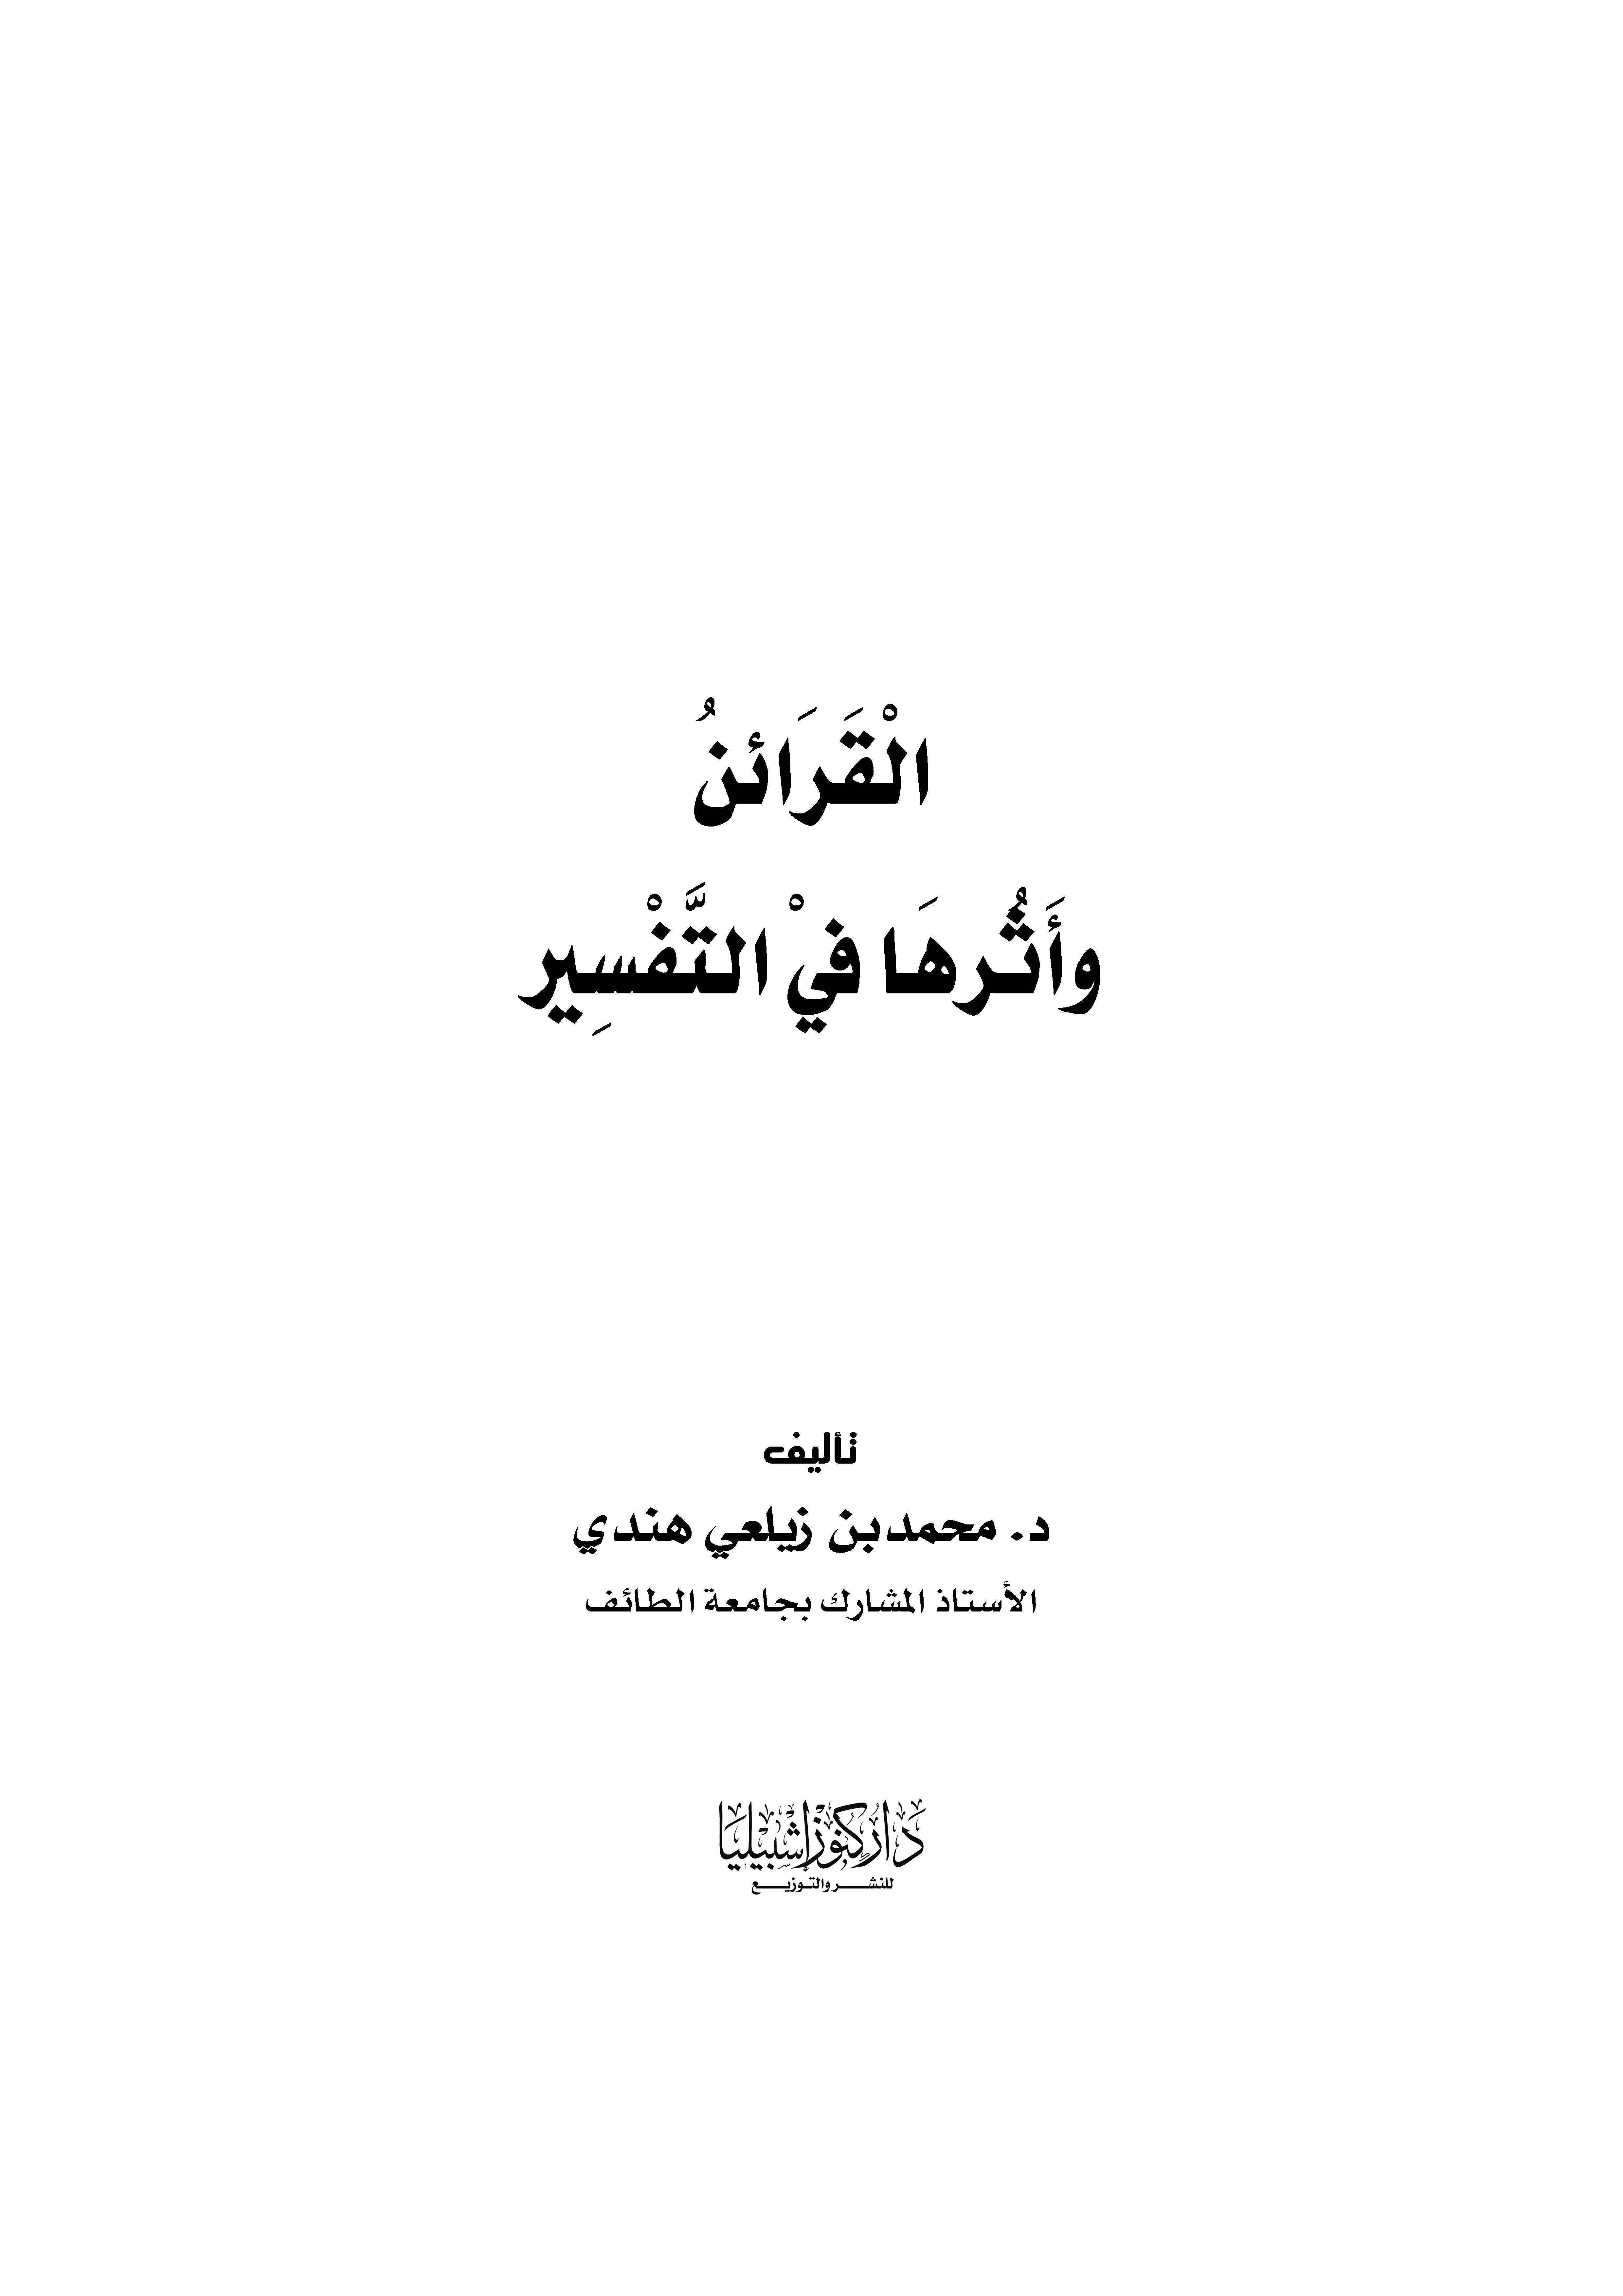 القرائن وأثرها في التفسير - محمد بن زيلعي عبده هندي